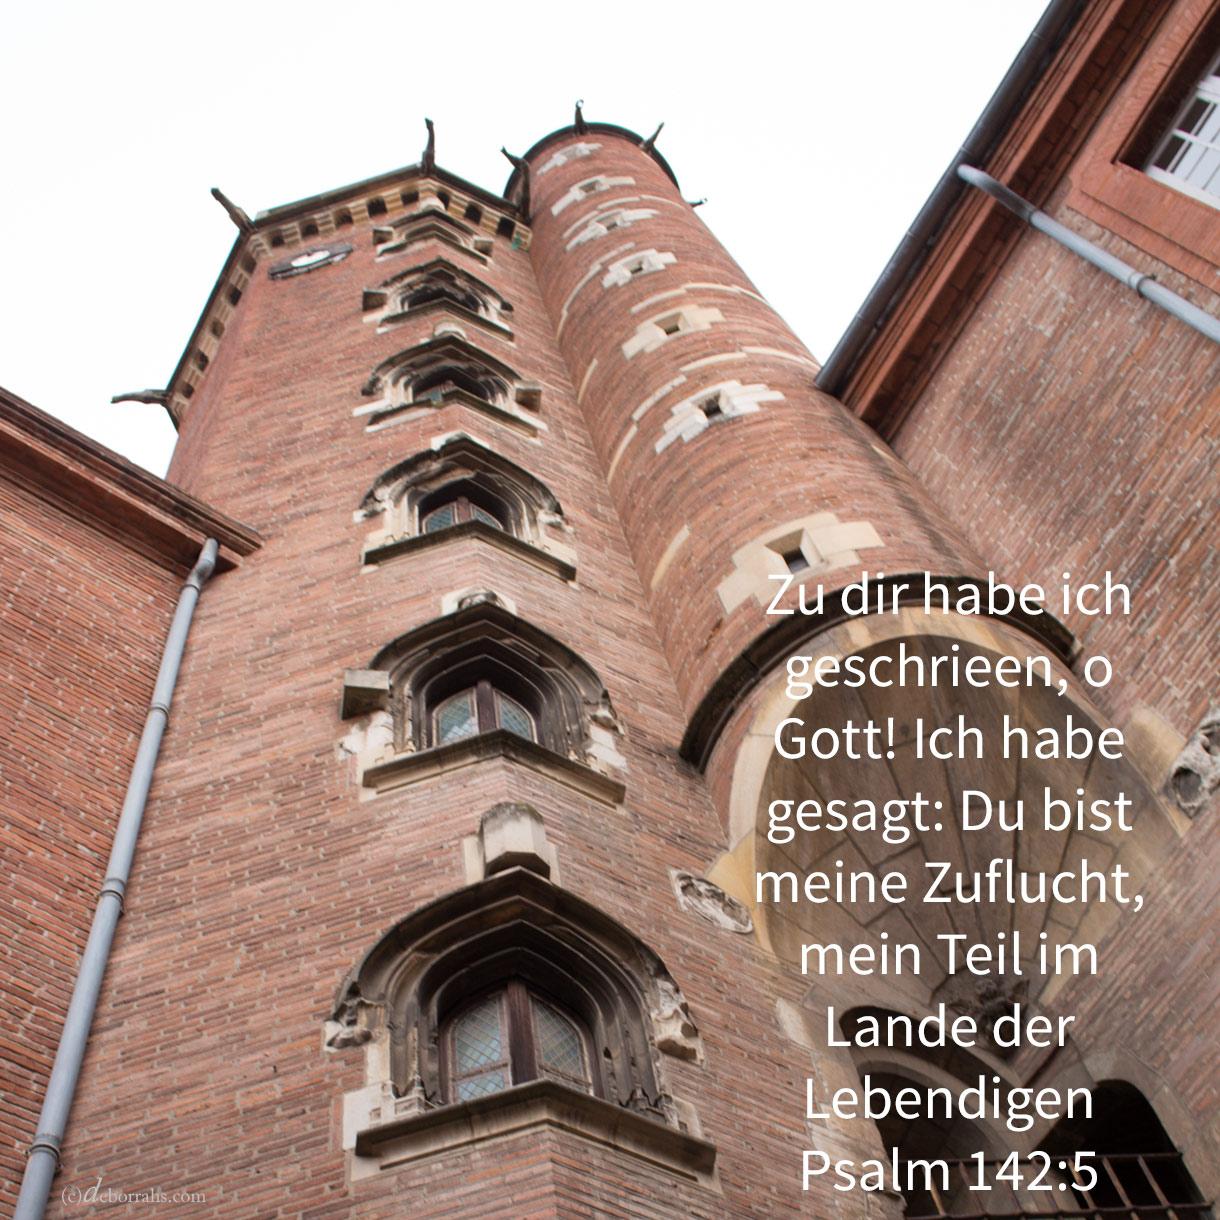 Zu dir habe ich geschrien, Jehova! Ich habe gesagt: du bist meine Zuflucht, mein Teil im Lande der Lebendigen ( Psalm 142,5 )